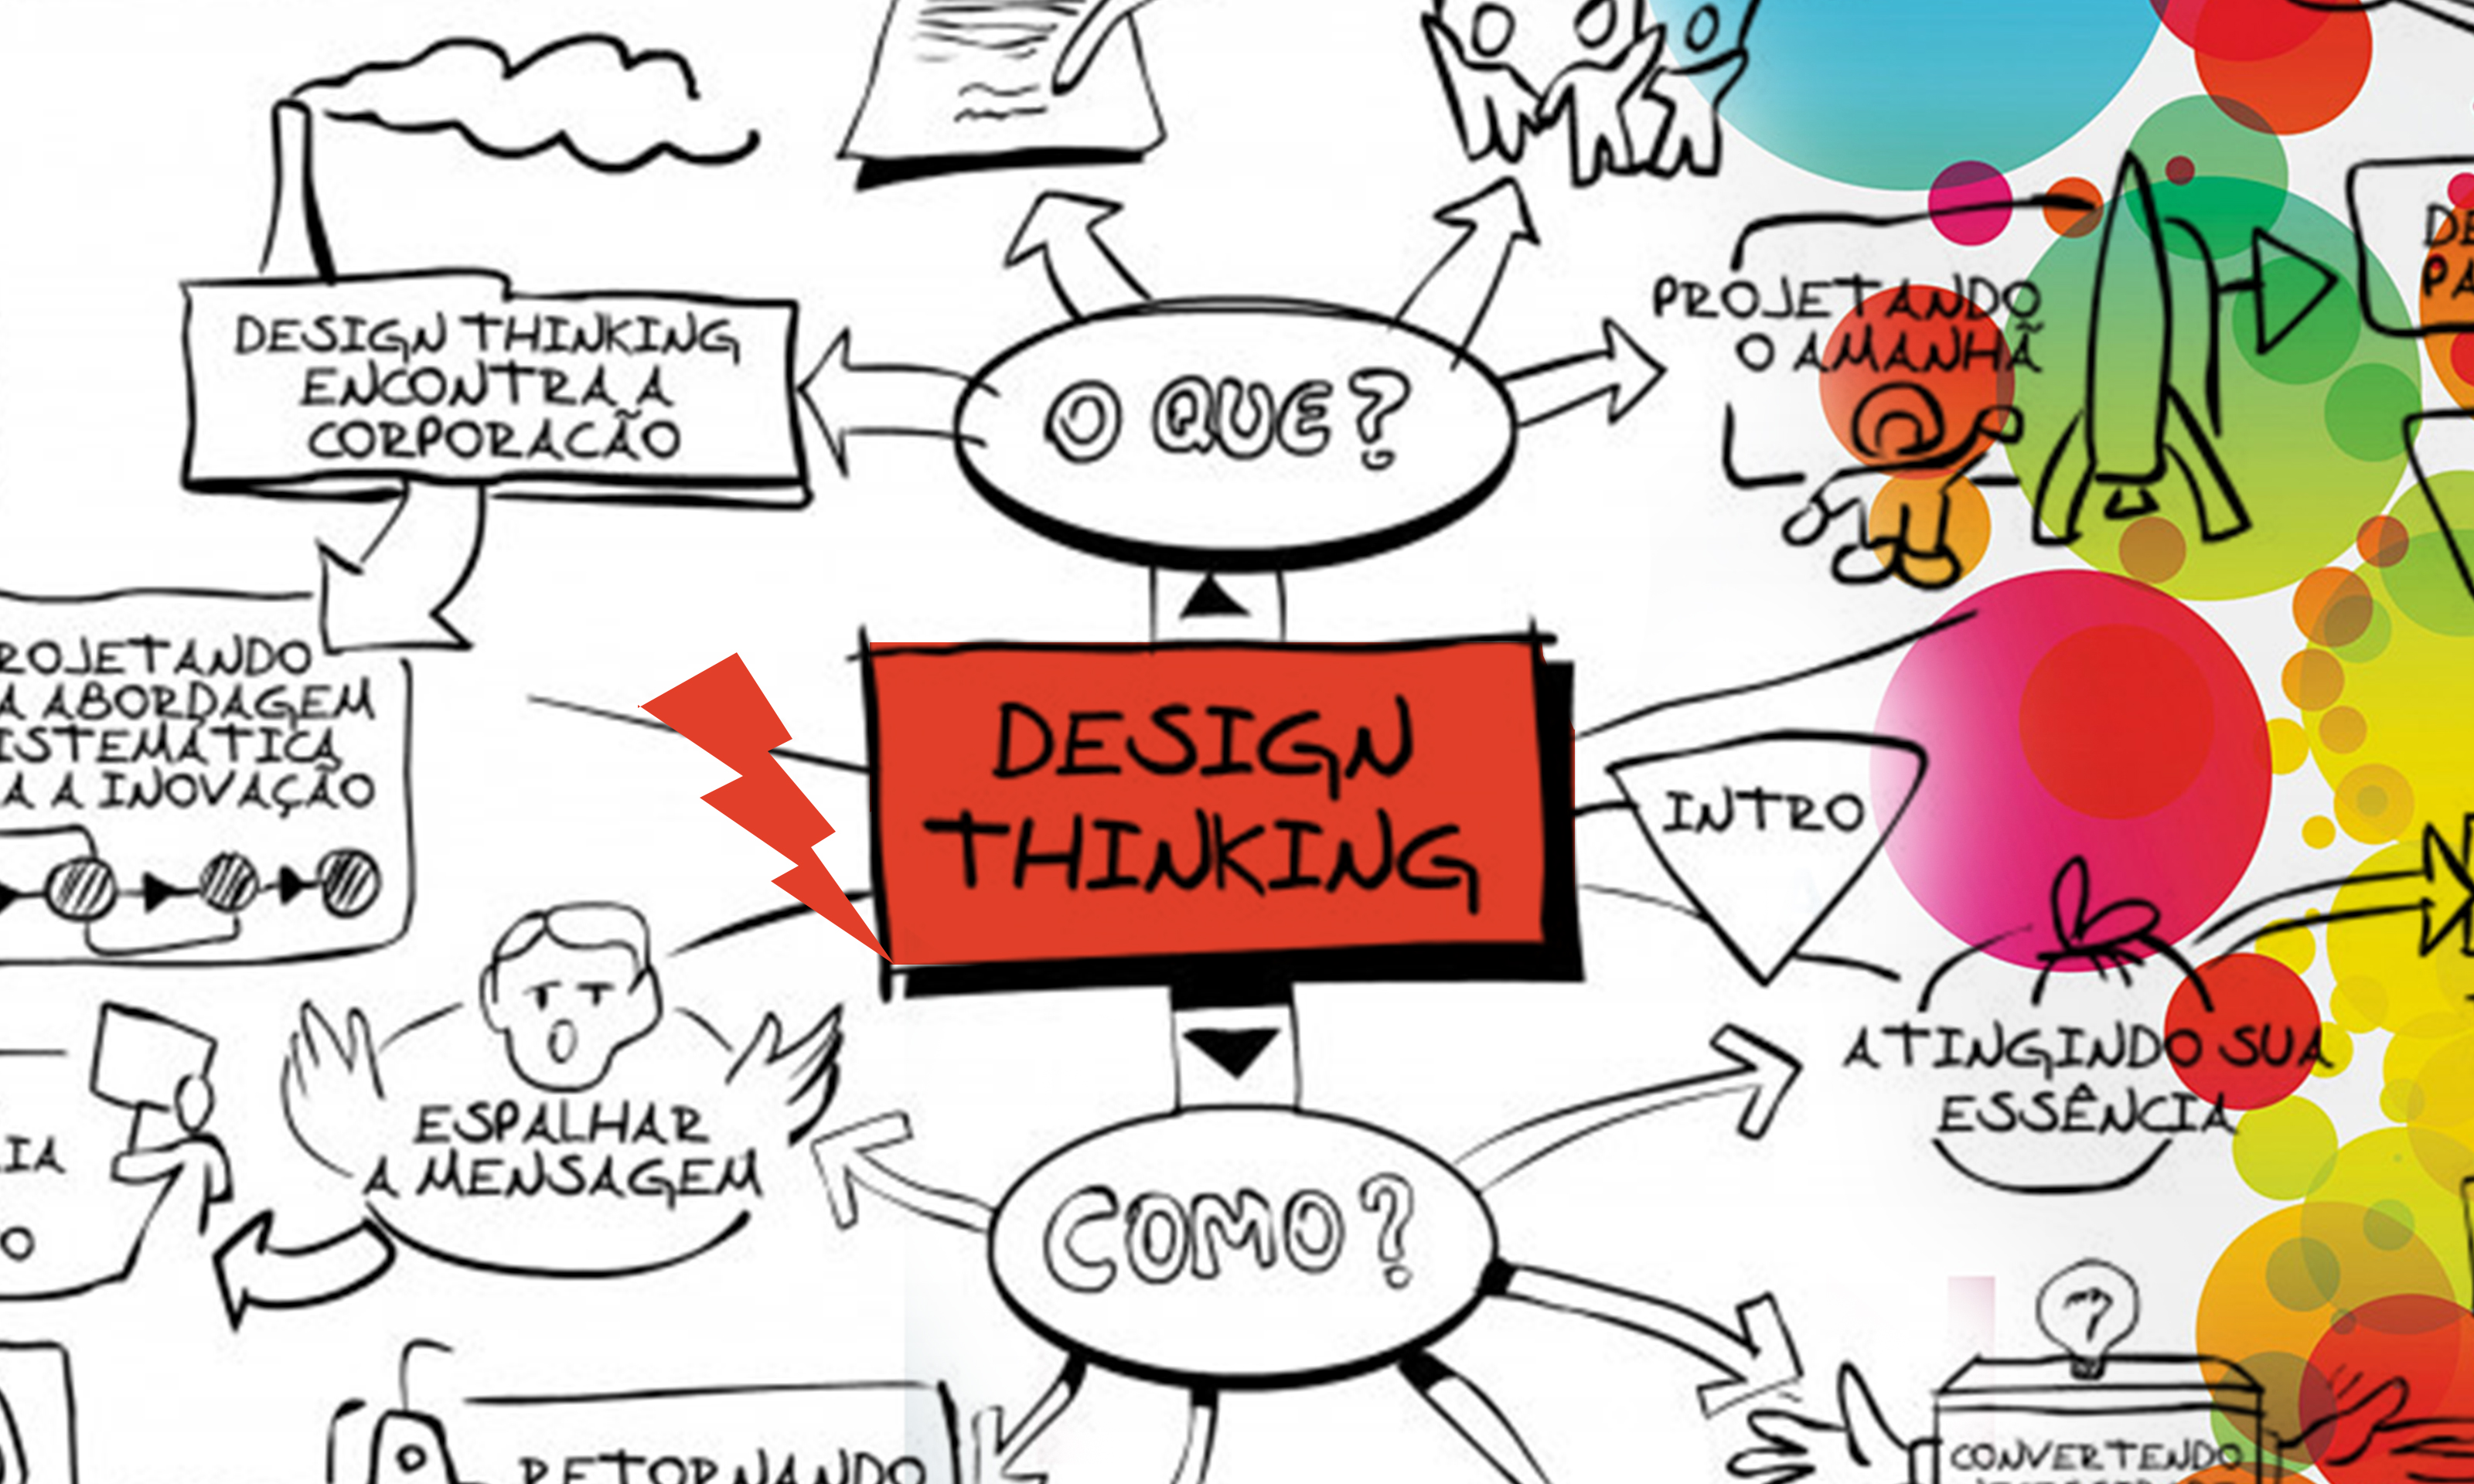 Como o Design Thinking pode melhorar  processos?